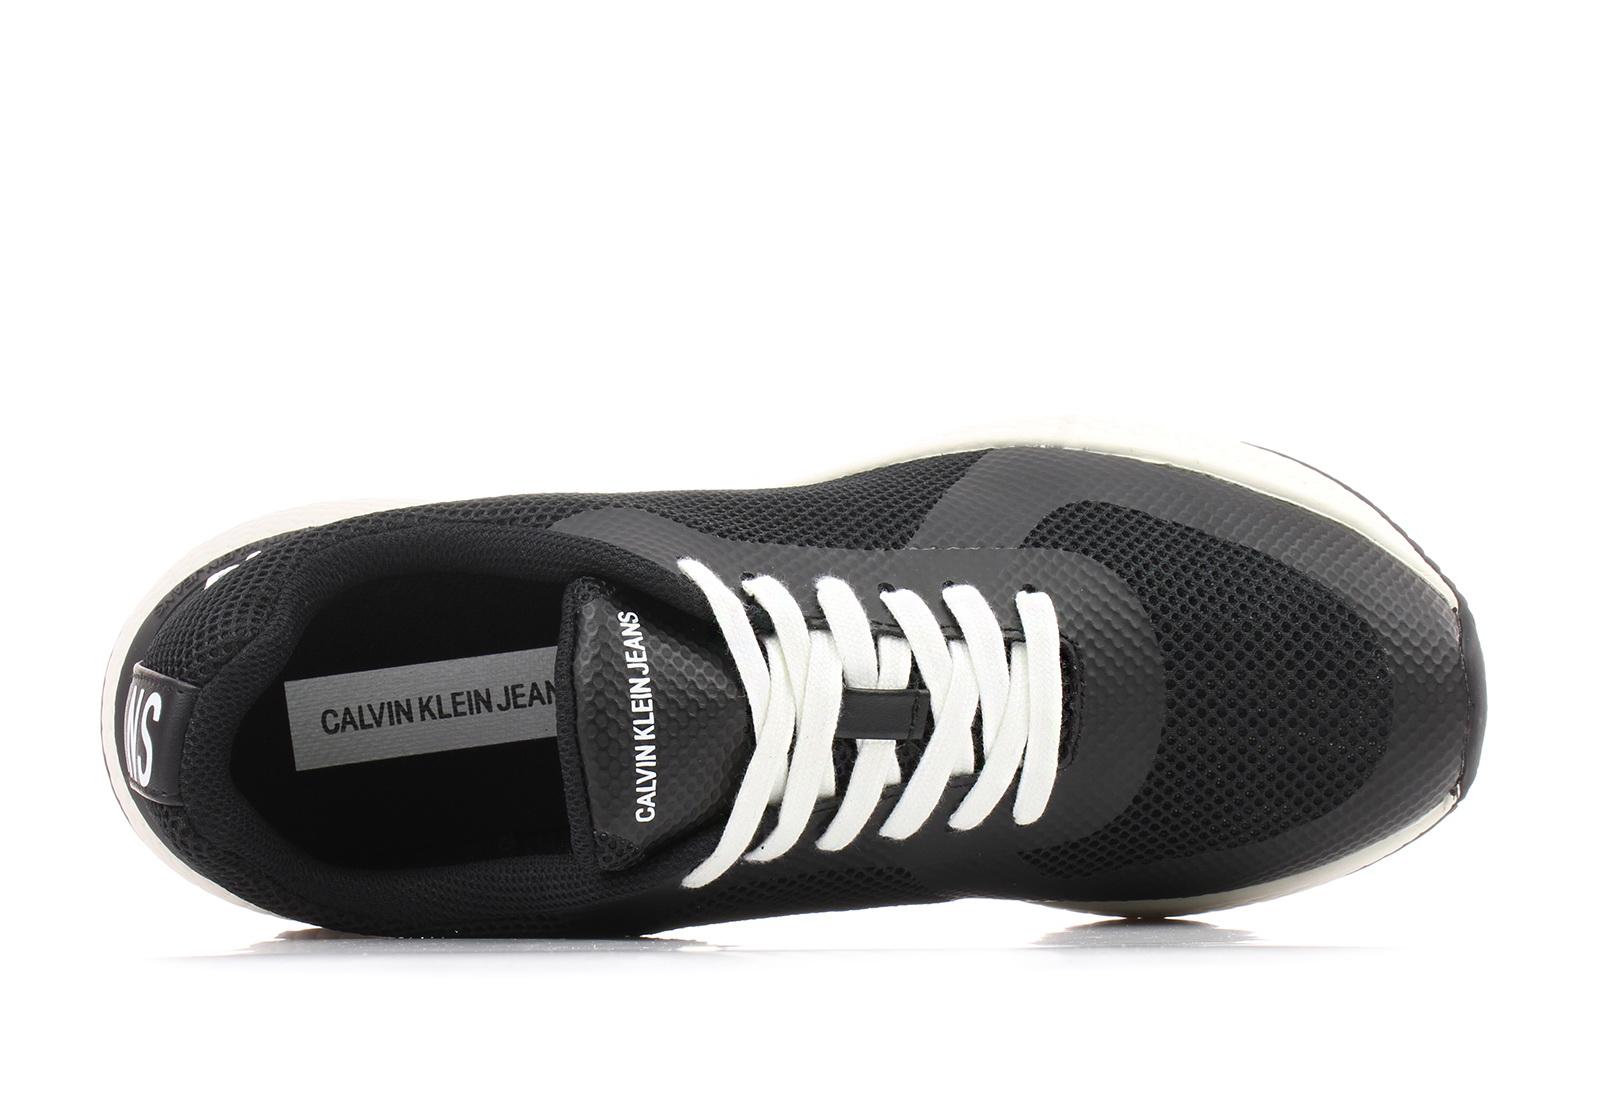 Calvin Klein Jeans Cipő - Amos - S0584-blk - Office Shoes Magyarország ac25f6ae9f